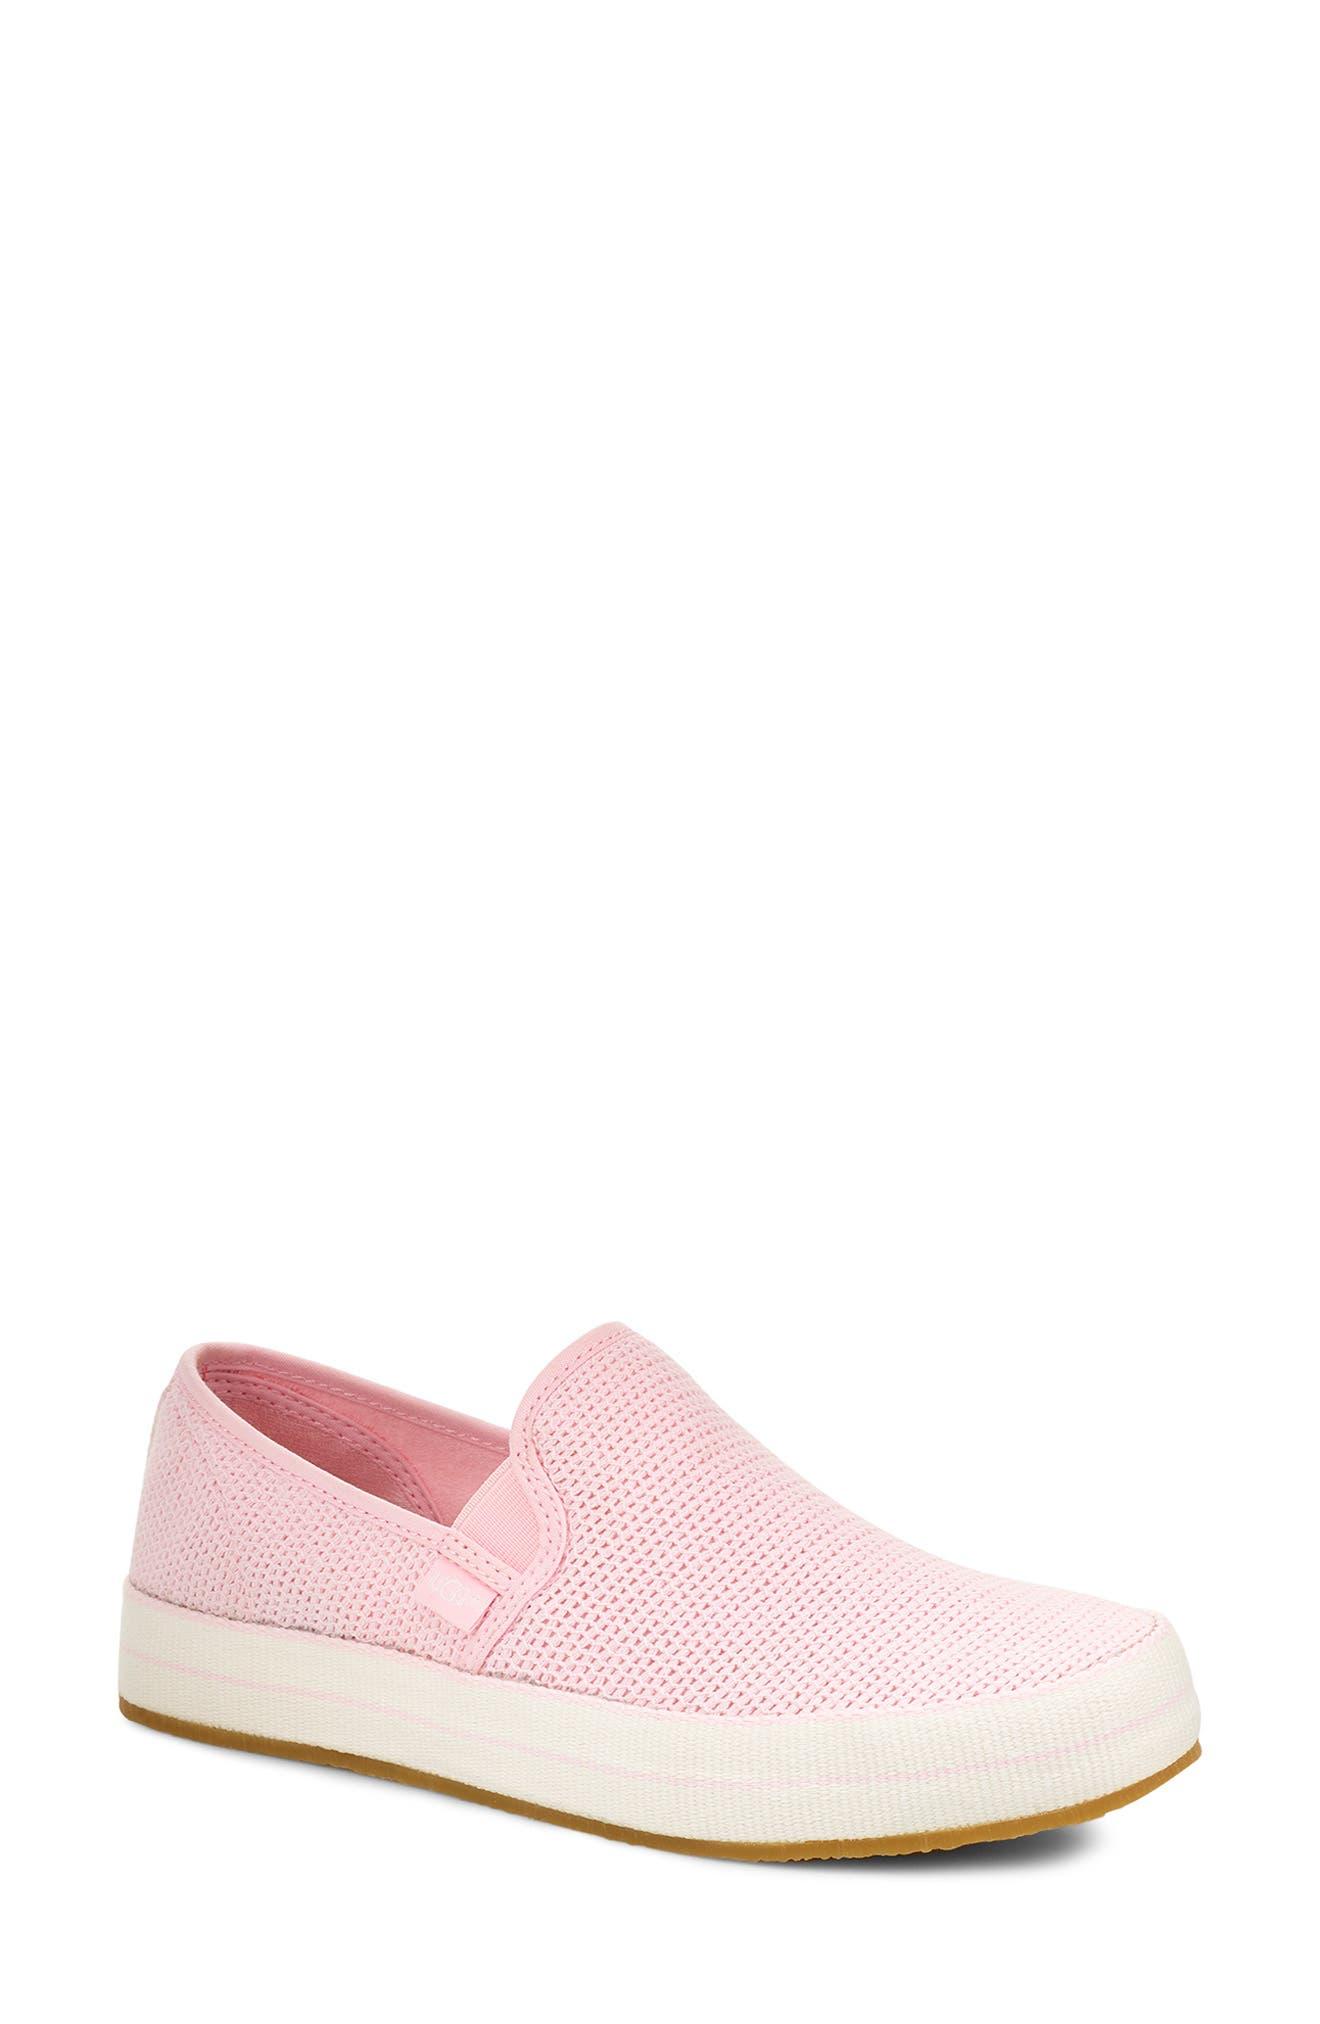 Ugg Bren Slip-On Sneaker, Pink